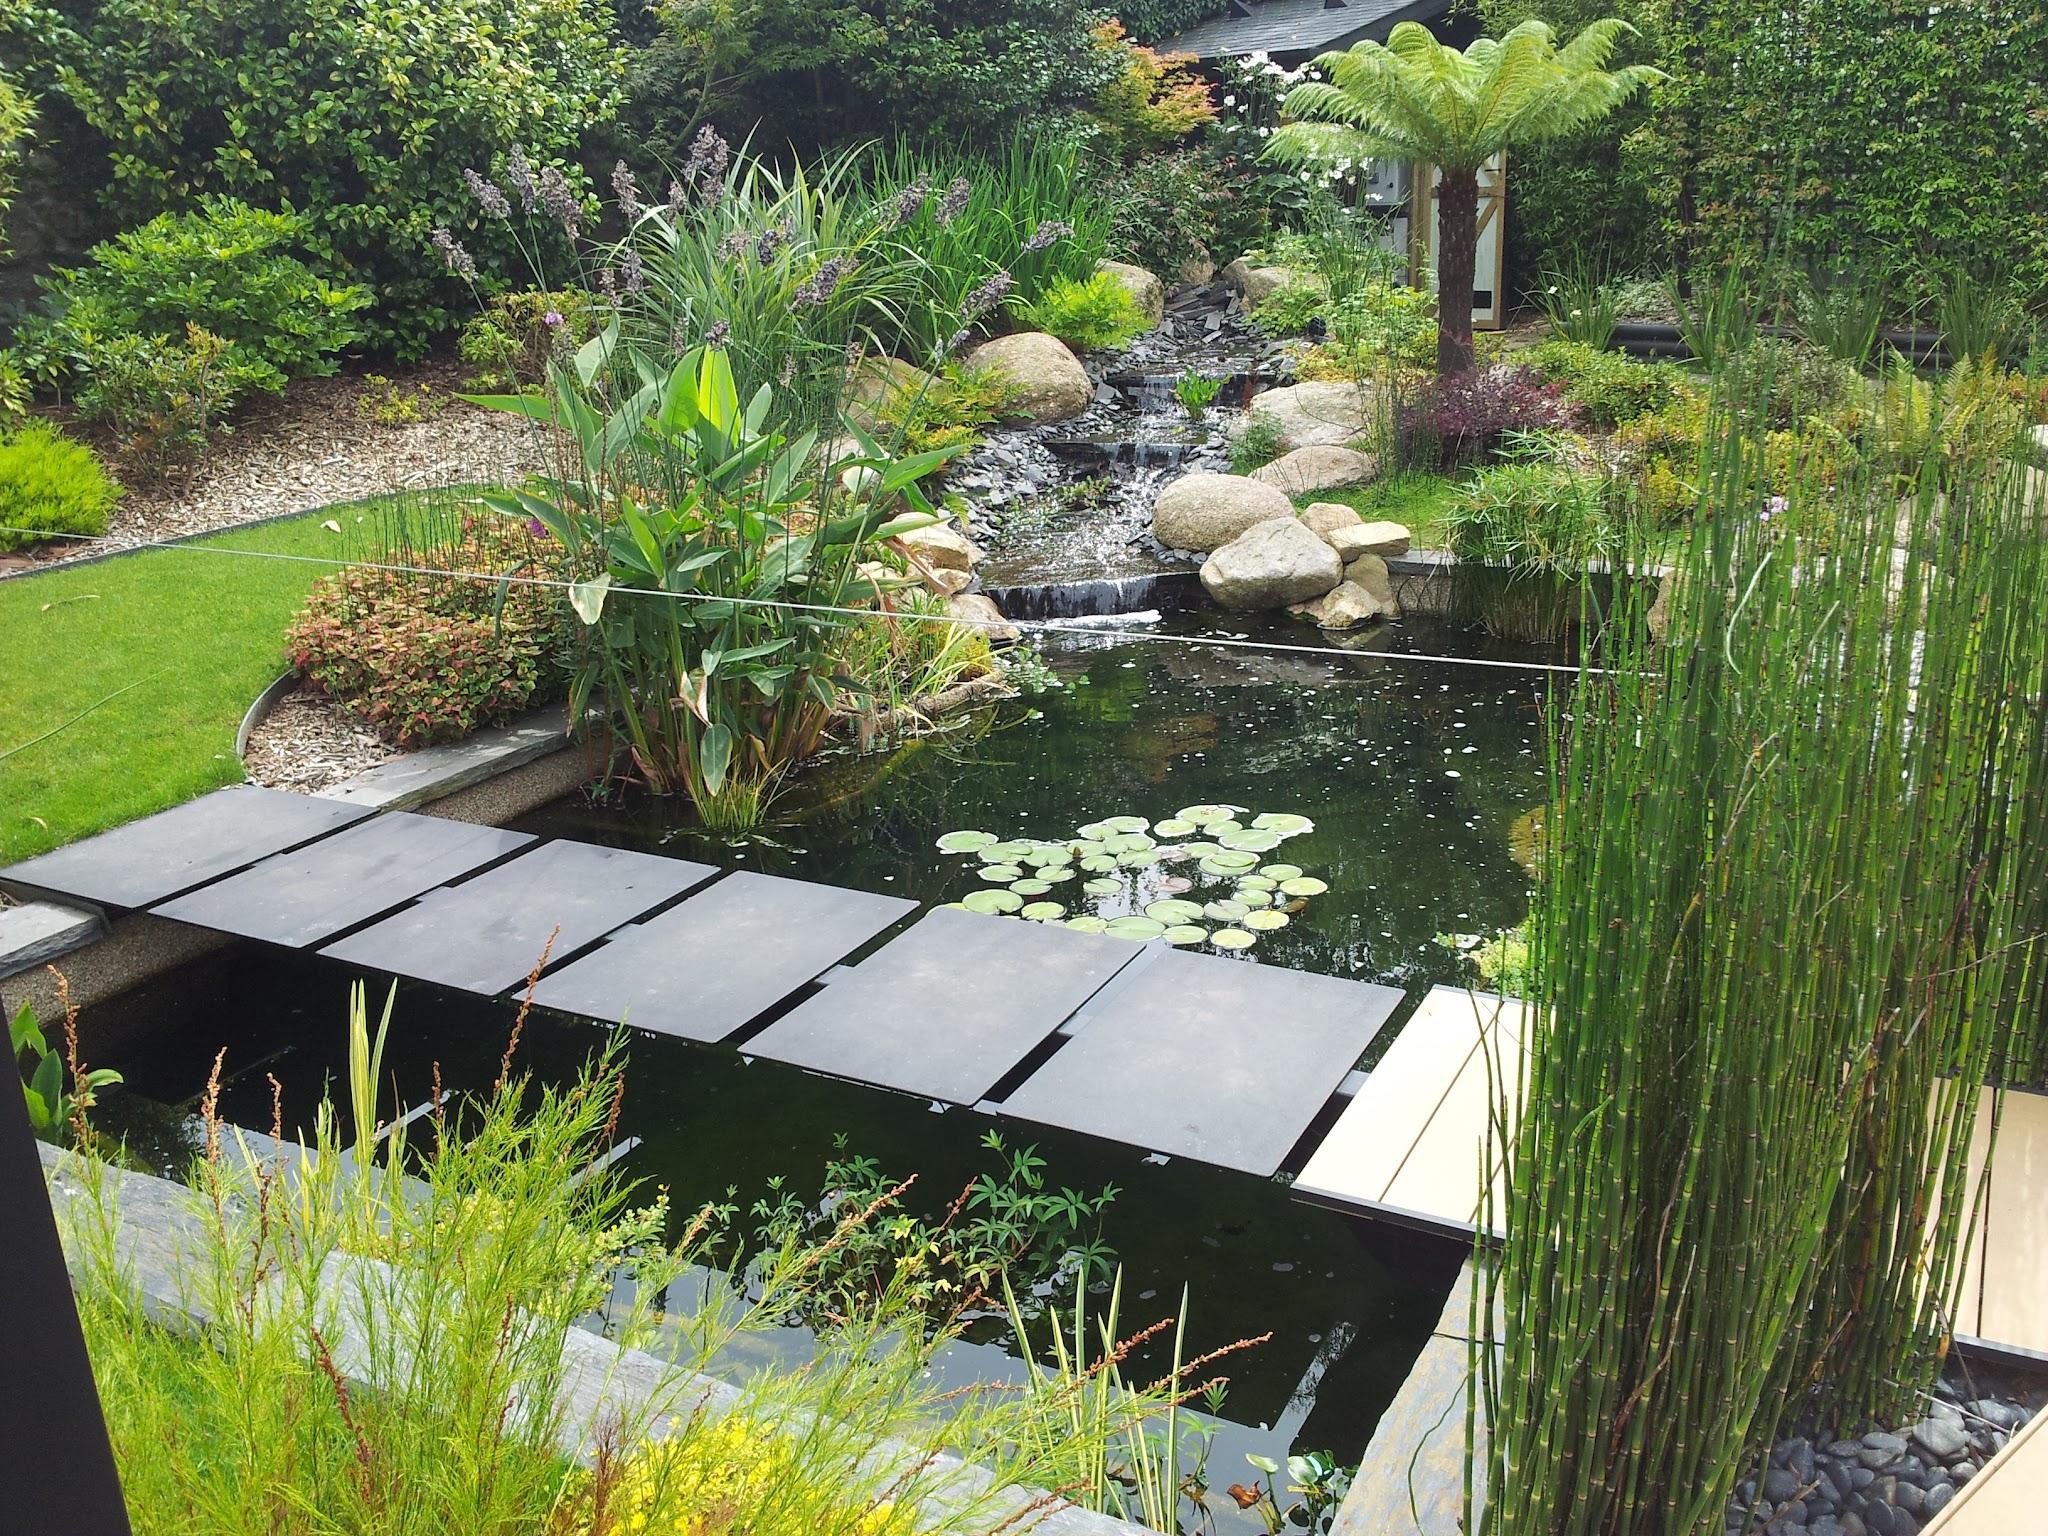 Comment Créer Son Bassin Aquatique ? - Botanica | Espaces ... serapportantà Créer Un Bassin De Jardin